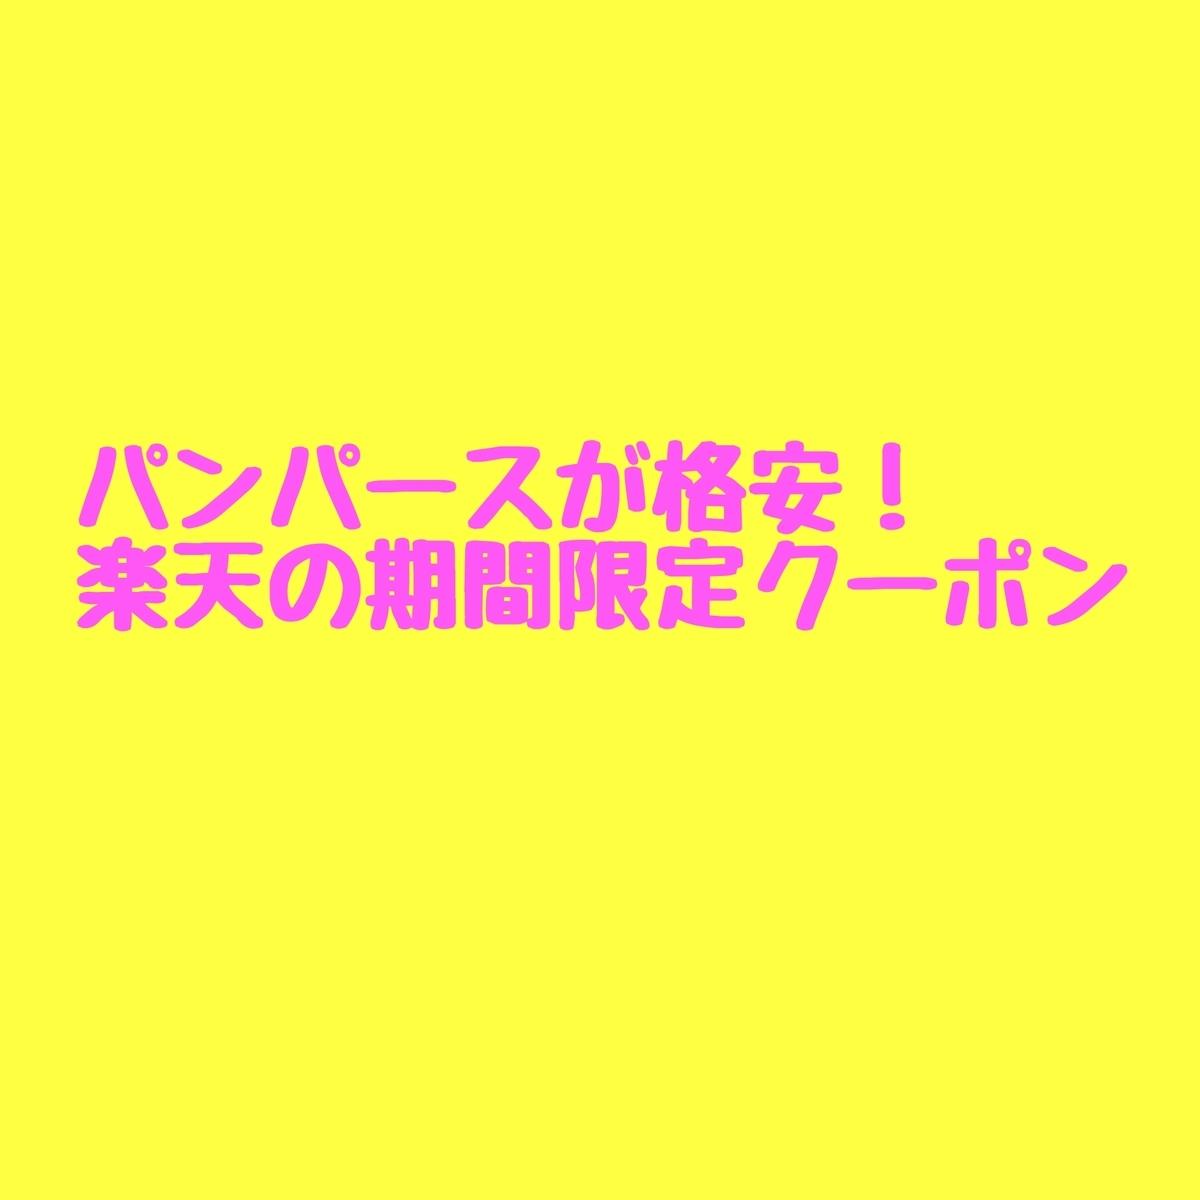 f:id:mikiminmin:20210301113326j:plain